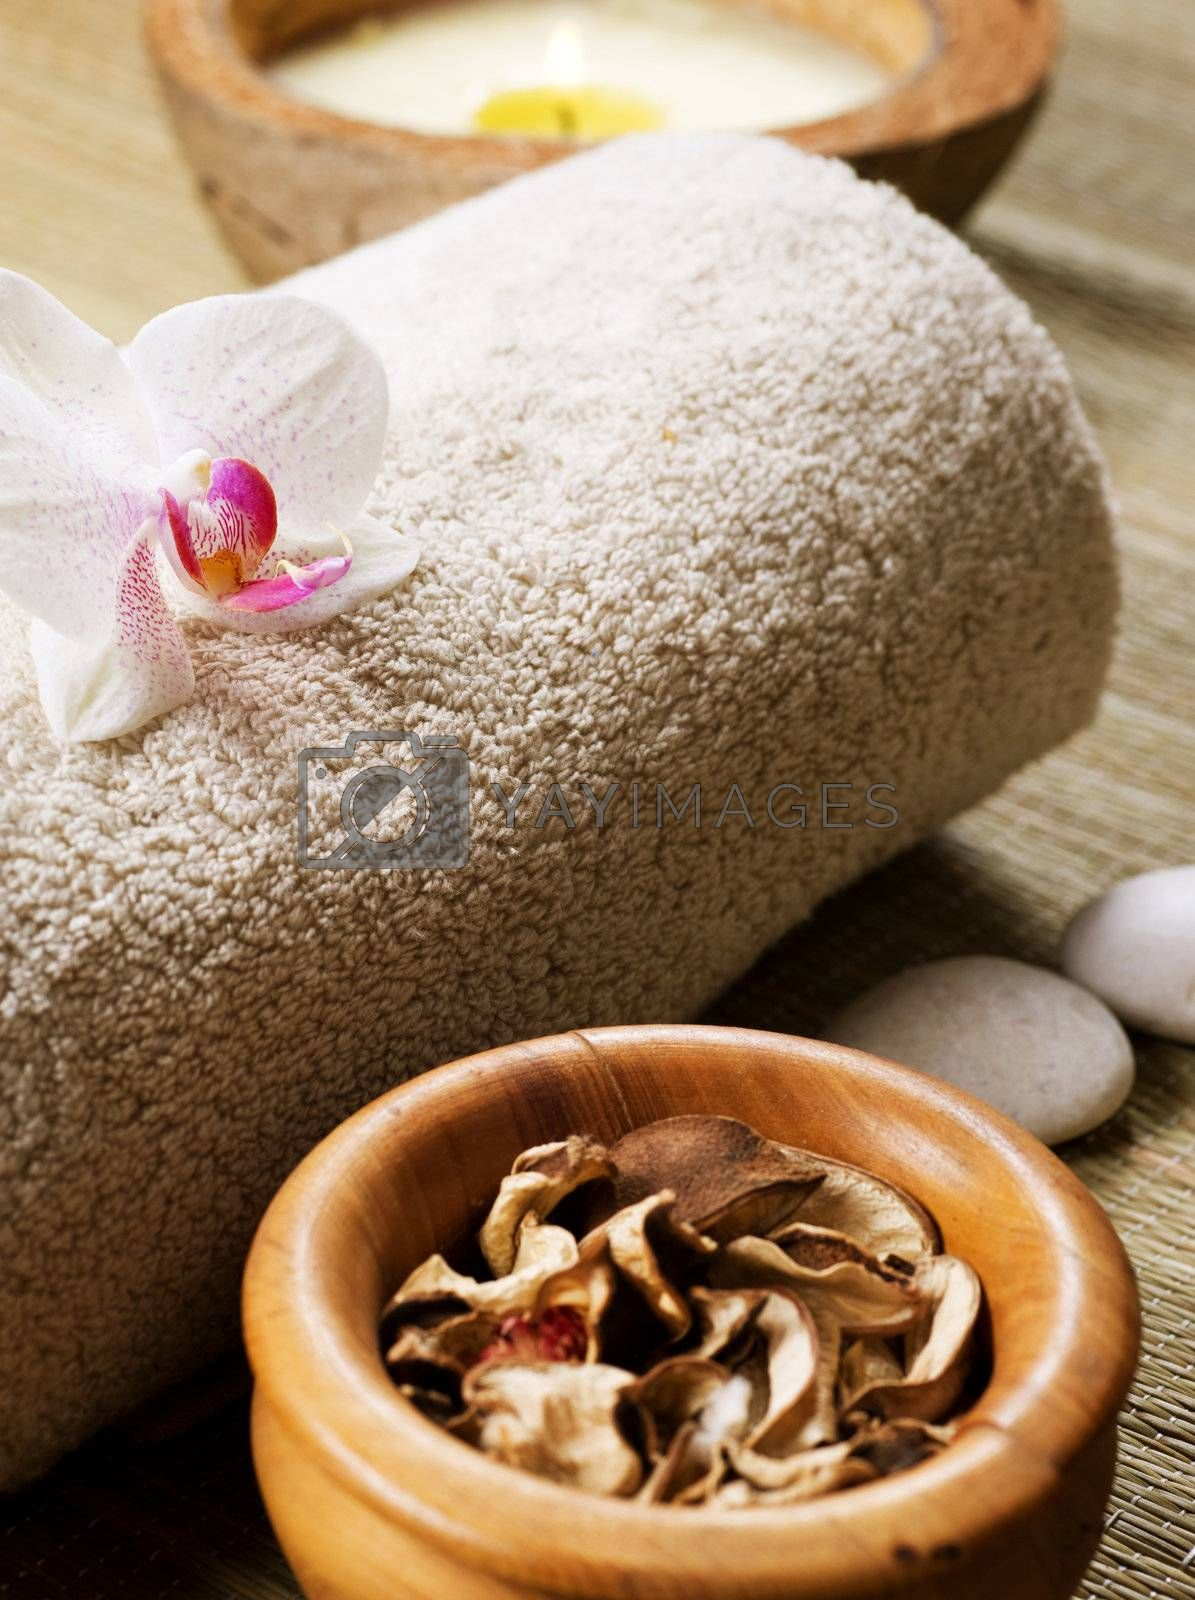 Spa treatment by Subbotina Anna